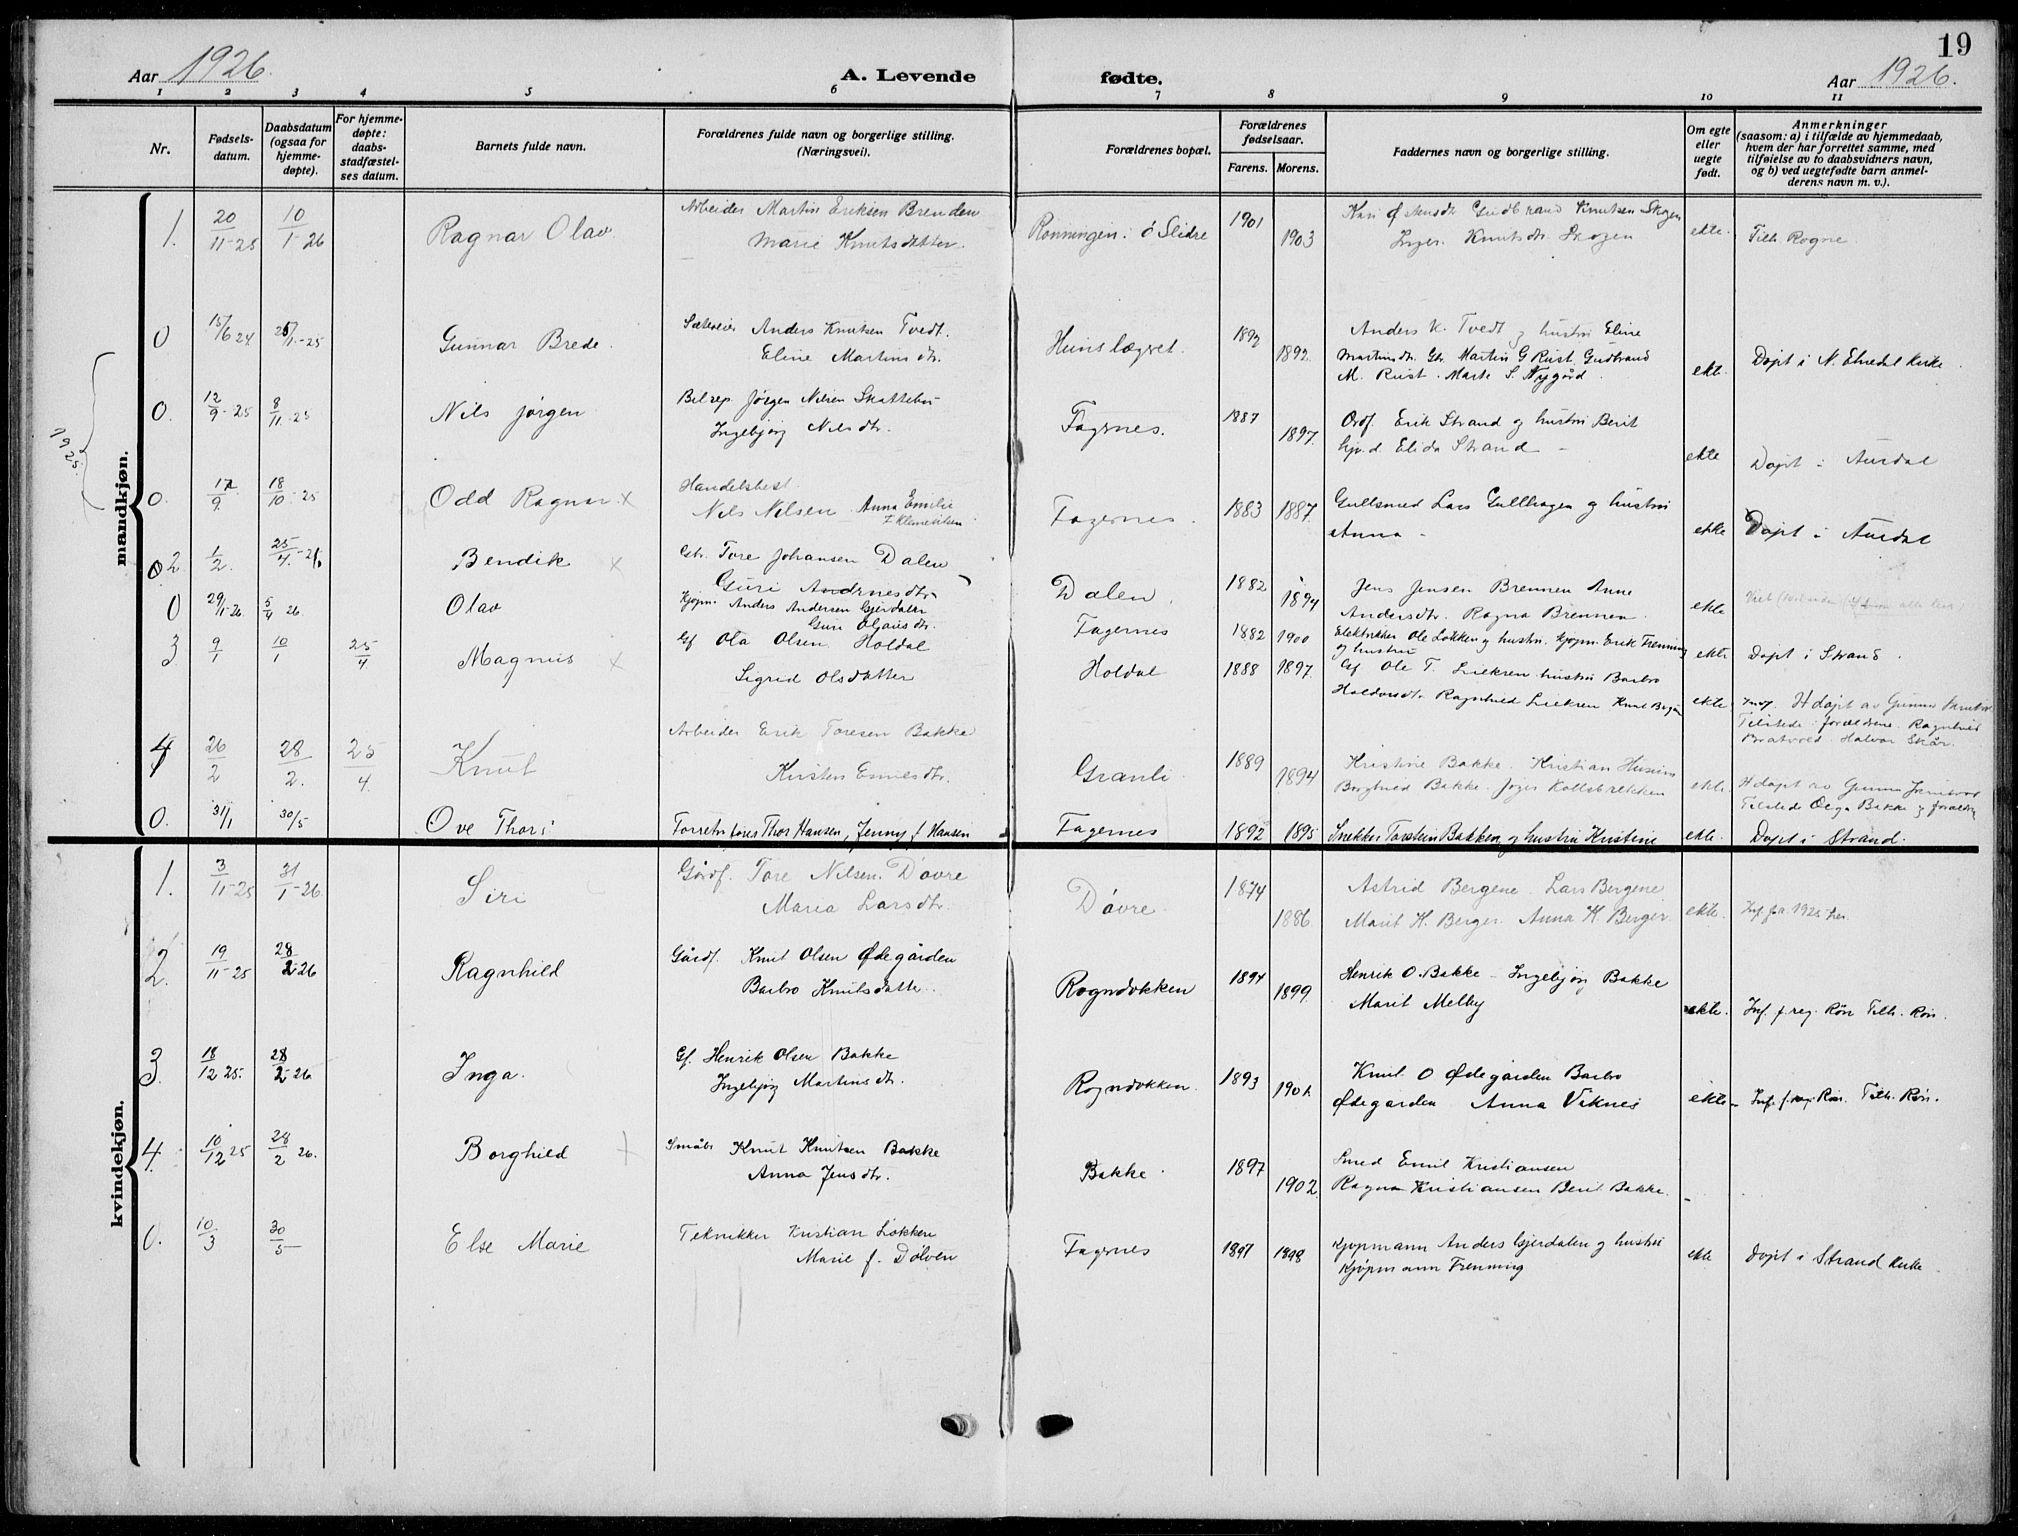 SAH, Nord-Aurdal prestekontor, Klokkerbok nr. 15, 1918-1935, s. 19